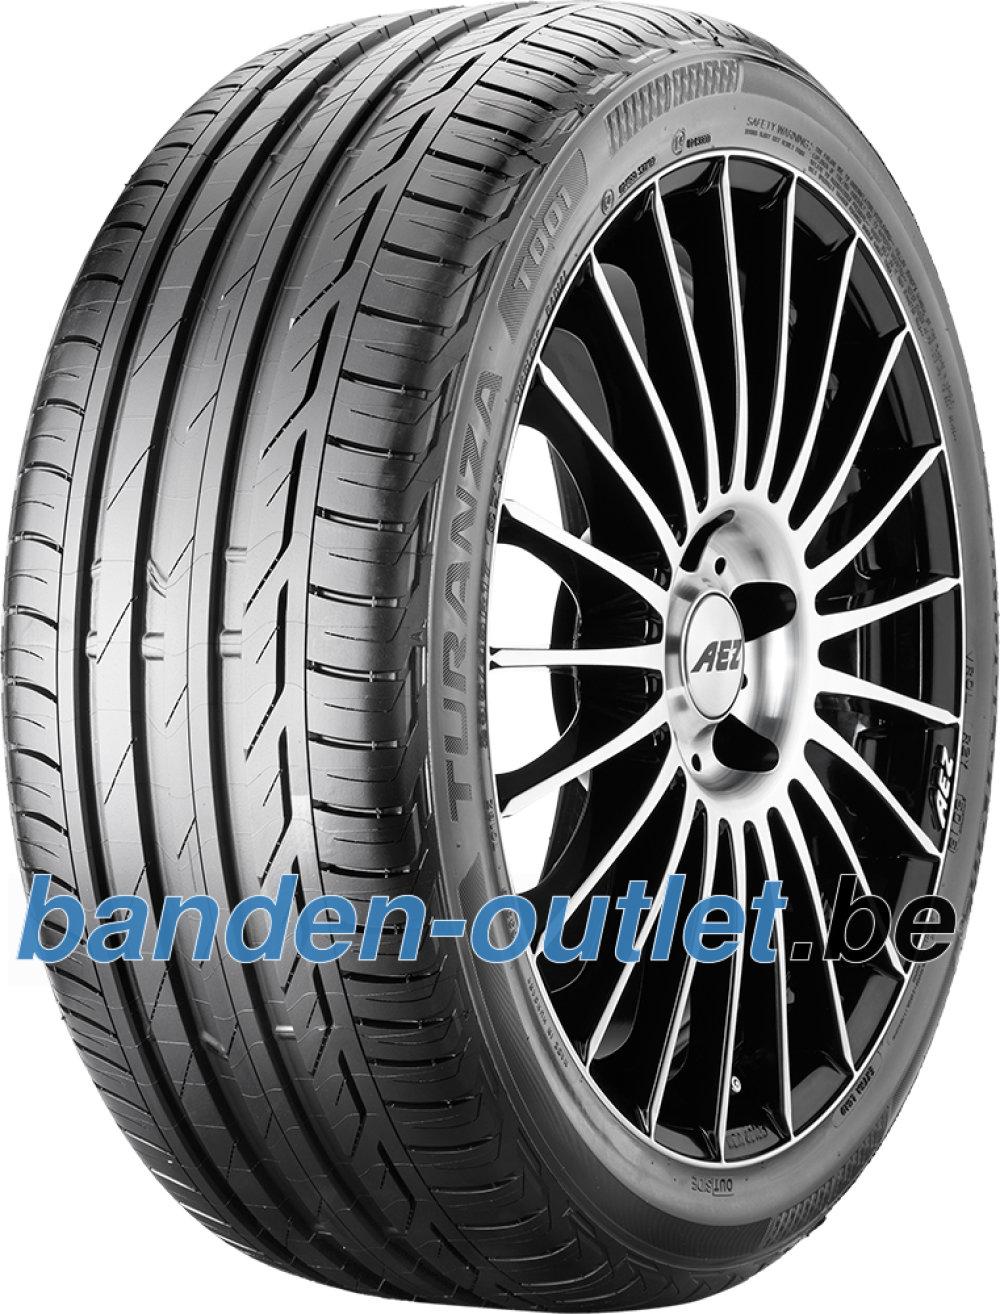 Bridgestone Turanza T001 Evo ( 205/60 R15 91H )